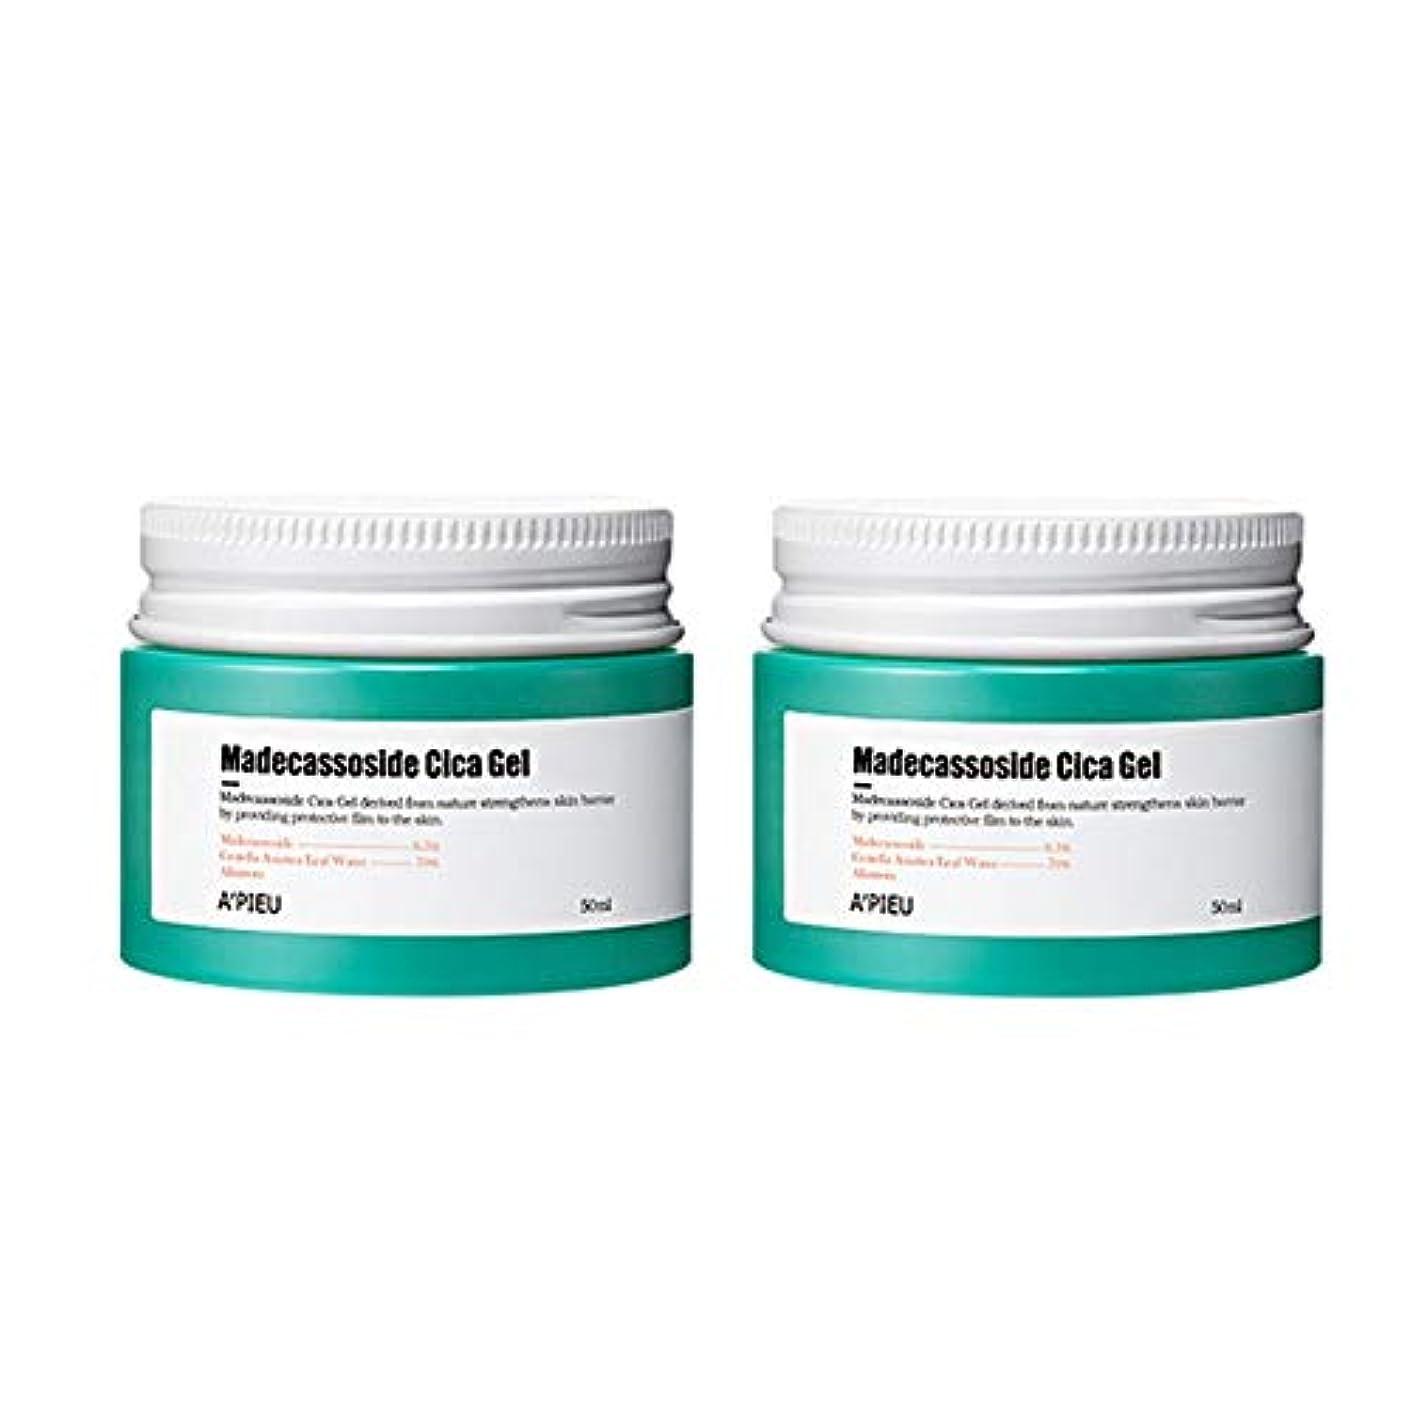 コインランドリーカジュアル動オピュマデカソサイドシカゲル50ml x2本セット皮膚の損傷の改善、A'pieu Madecassoside Cica Gel 50ml x 2ea Set Skin Damage Care [並行輸入品]